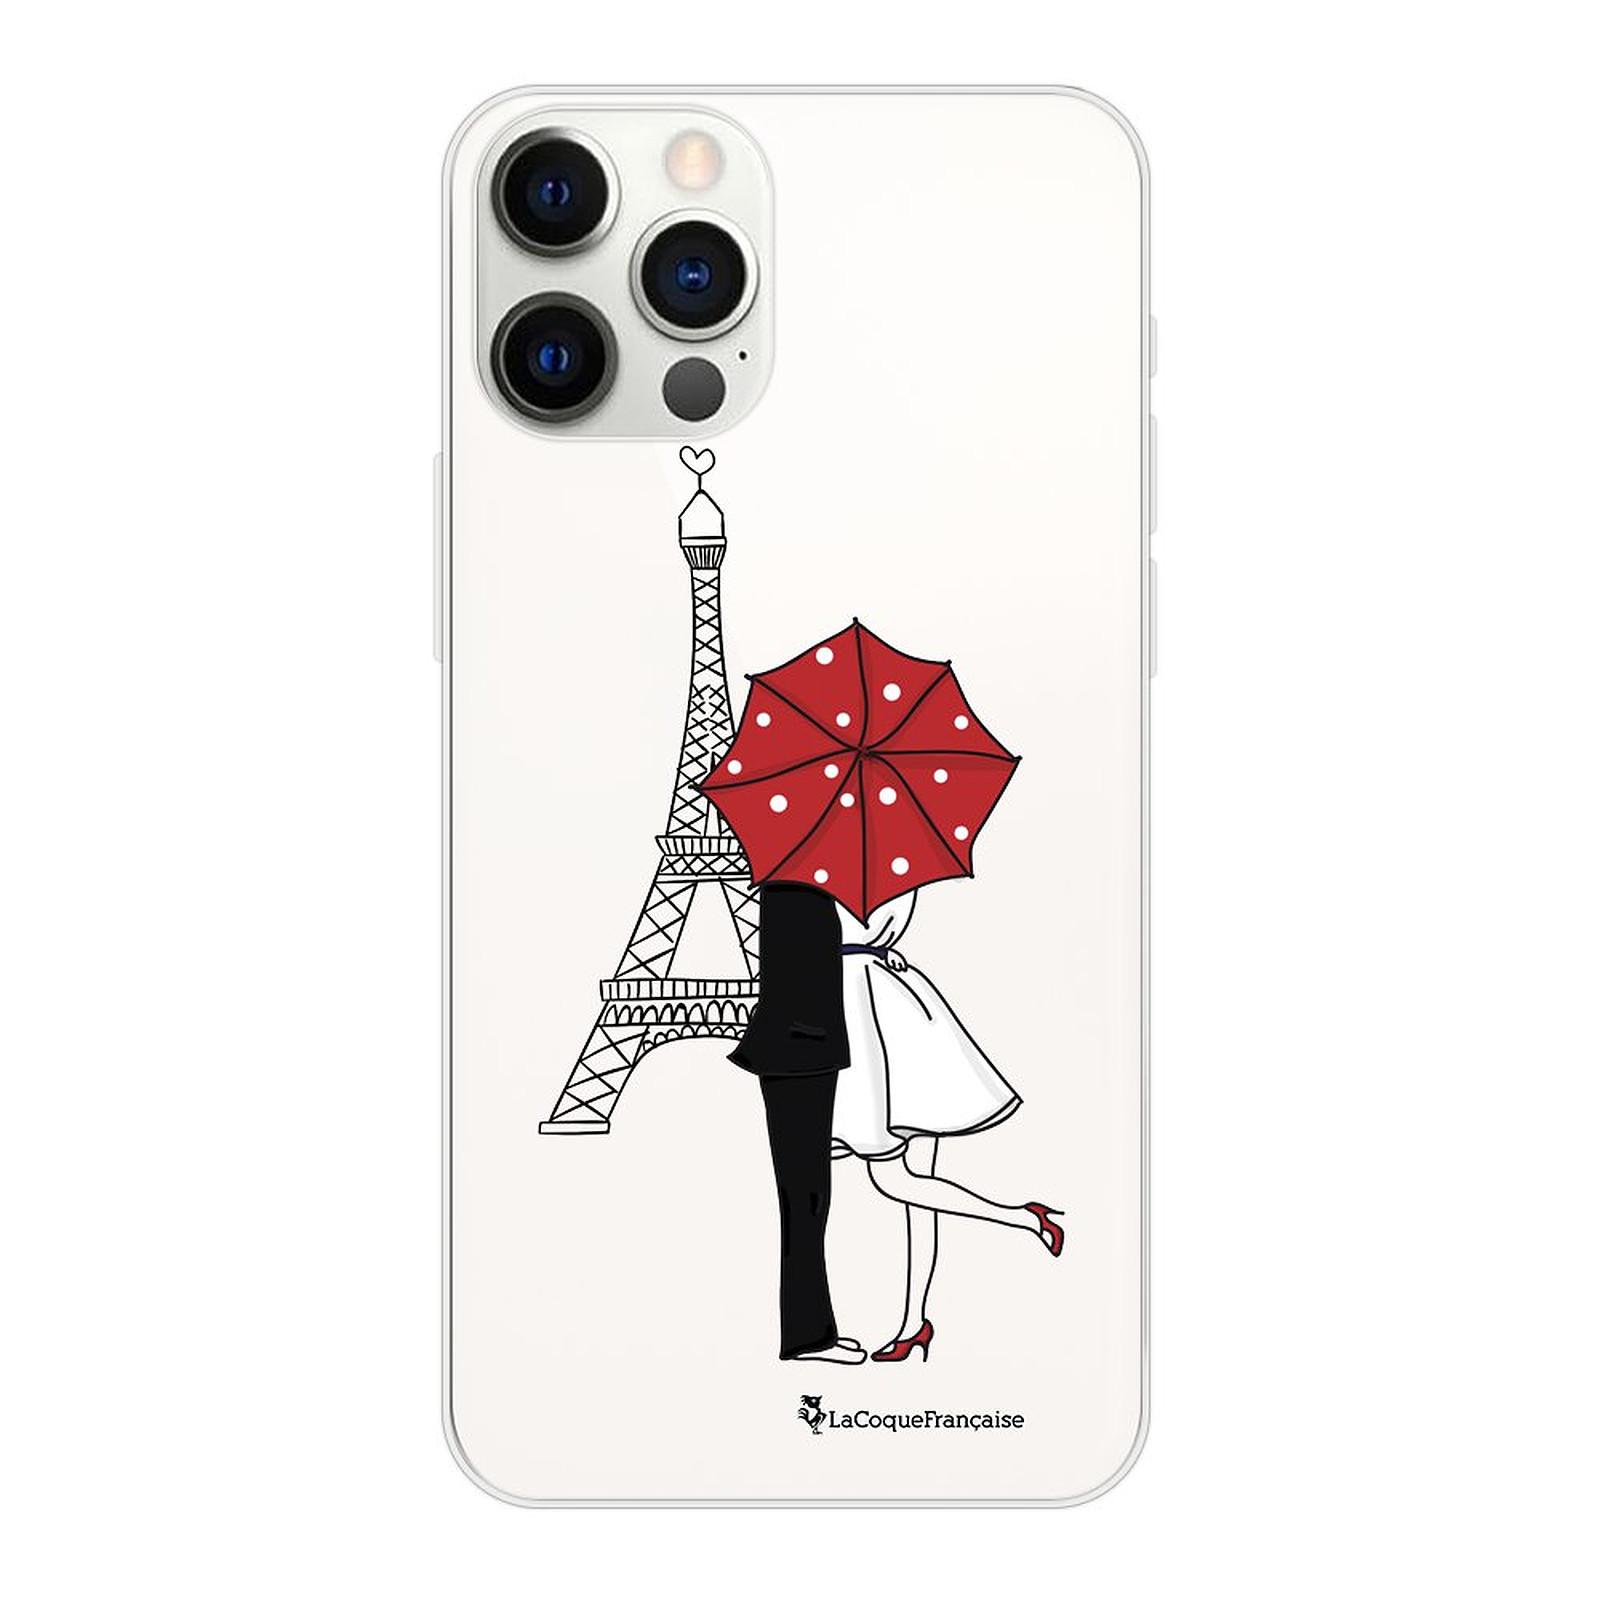 LA COQUE FRANCAISE Coque iPhone 12/12 Pro souple transparente Amour à Paris